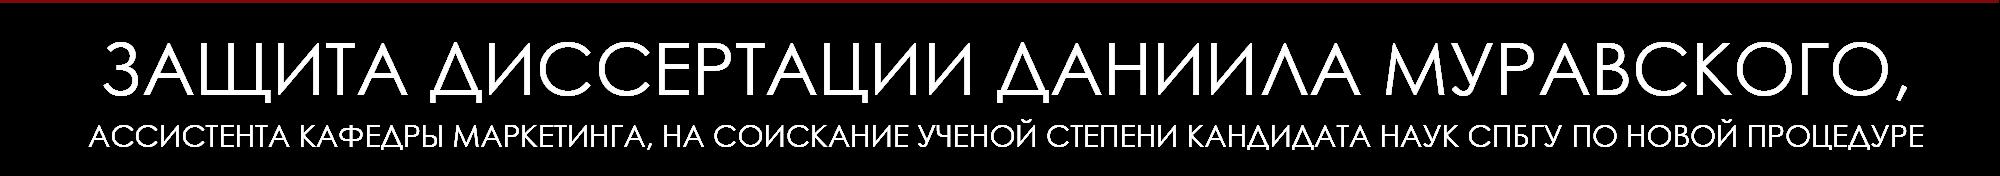 Защита диссертации Даниила Муравского ассистента кафедры  Основные данные